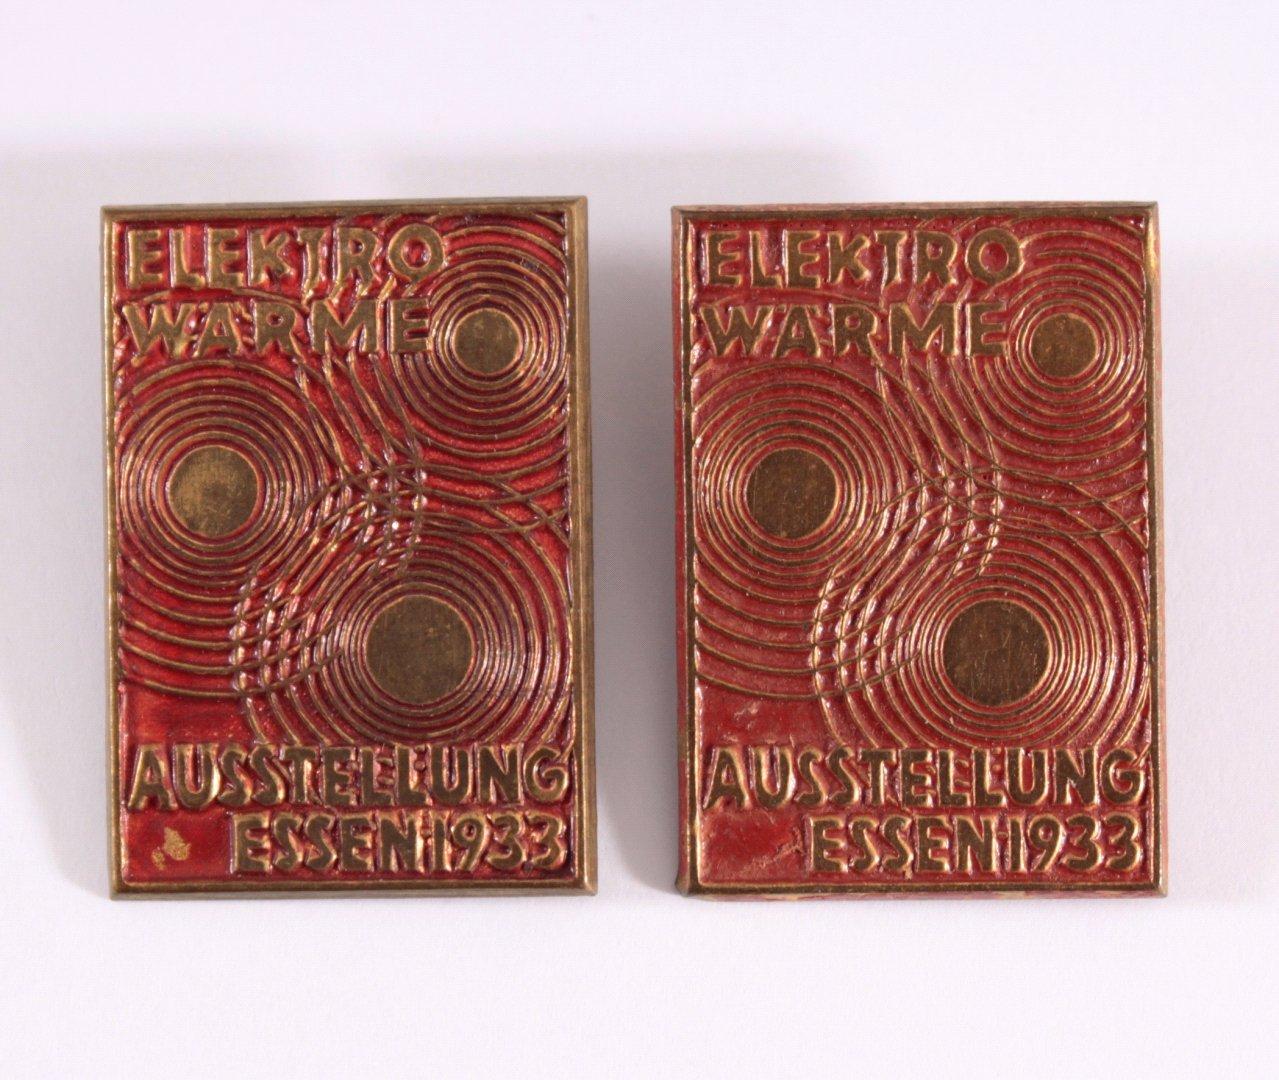 2 Abzeichen Elektro-Wärme Ausstellung Essen 1933